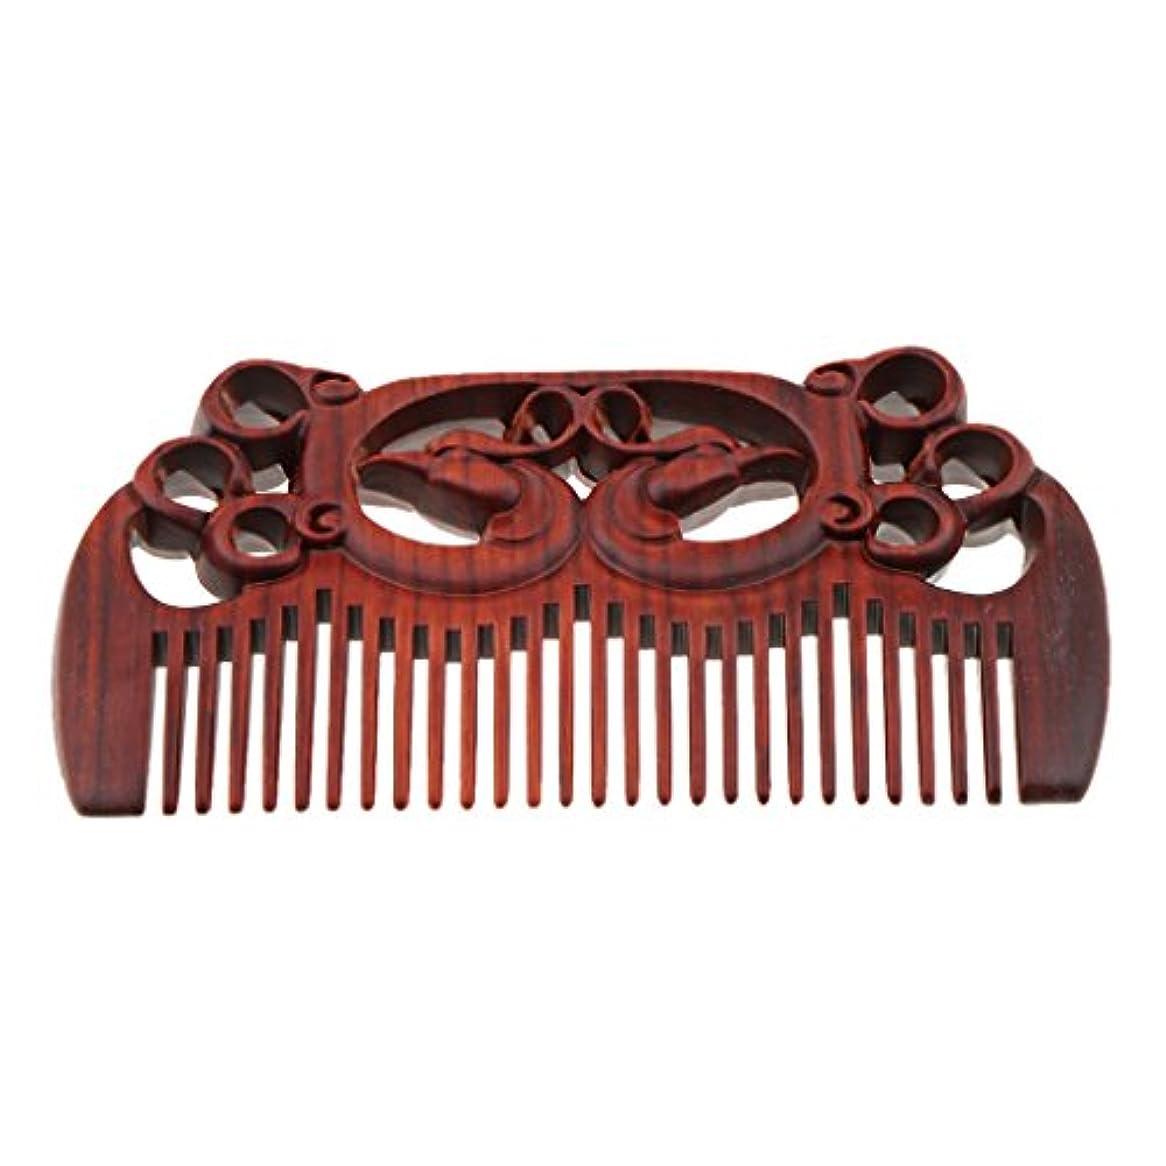 海藻精巧な完全にT TOOYFUL 木製櫛 木製コーム ウッドコーム ワイド歯 ヘアブラシ 頭皮マッサージ 静電防止 全2種類 - #1